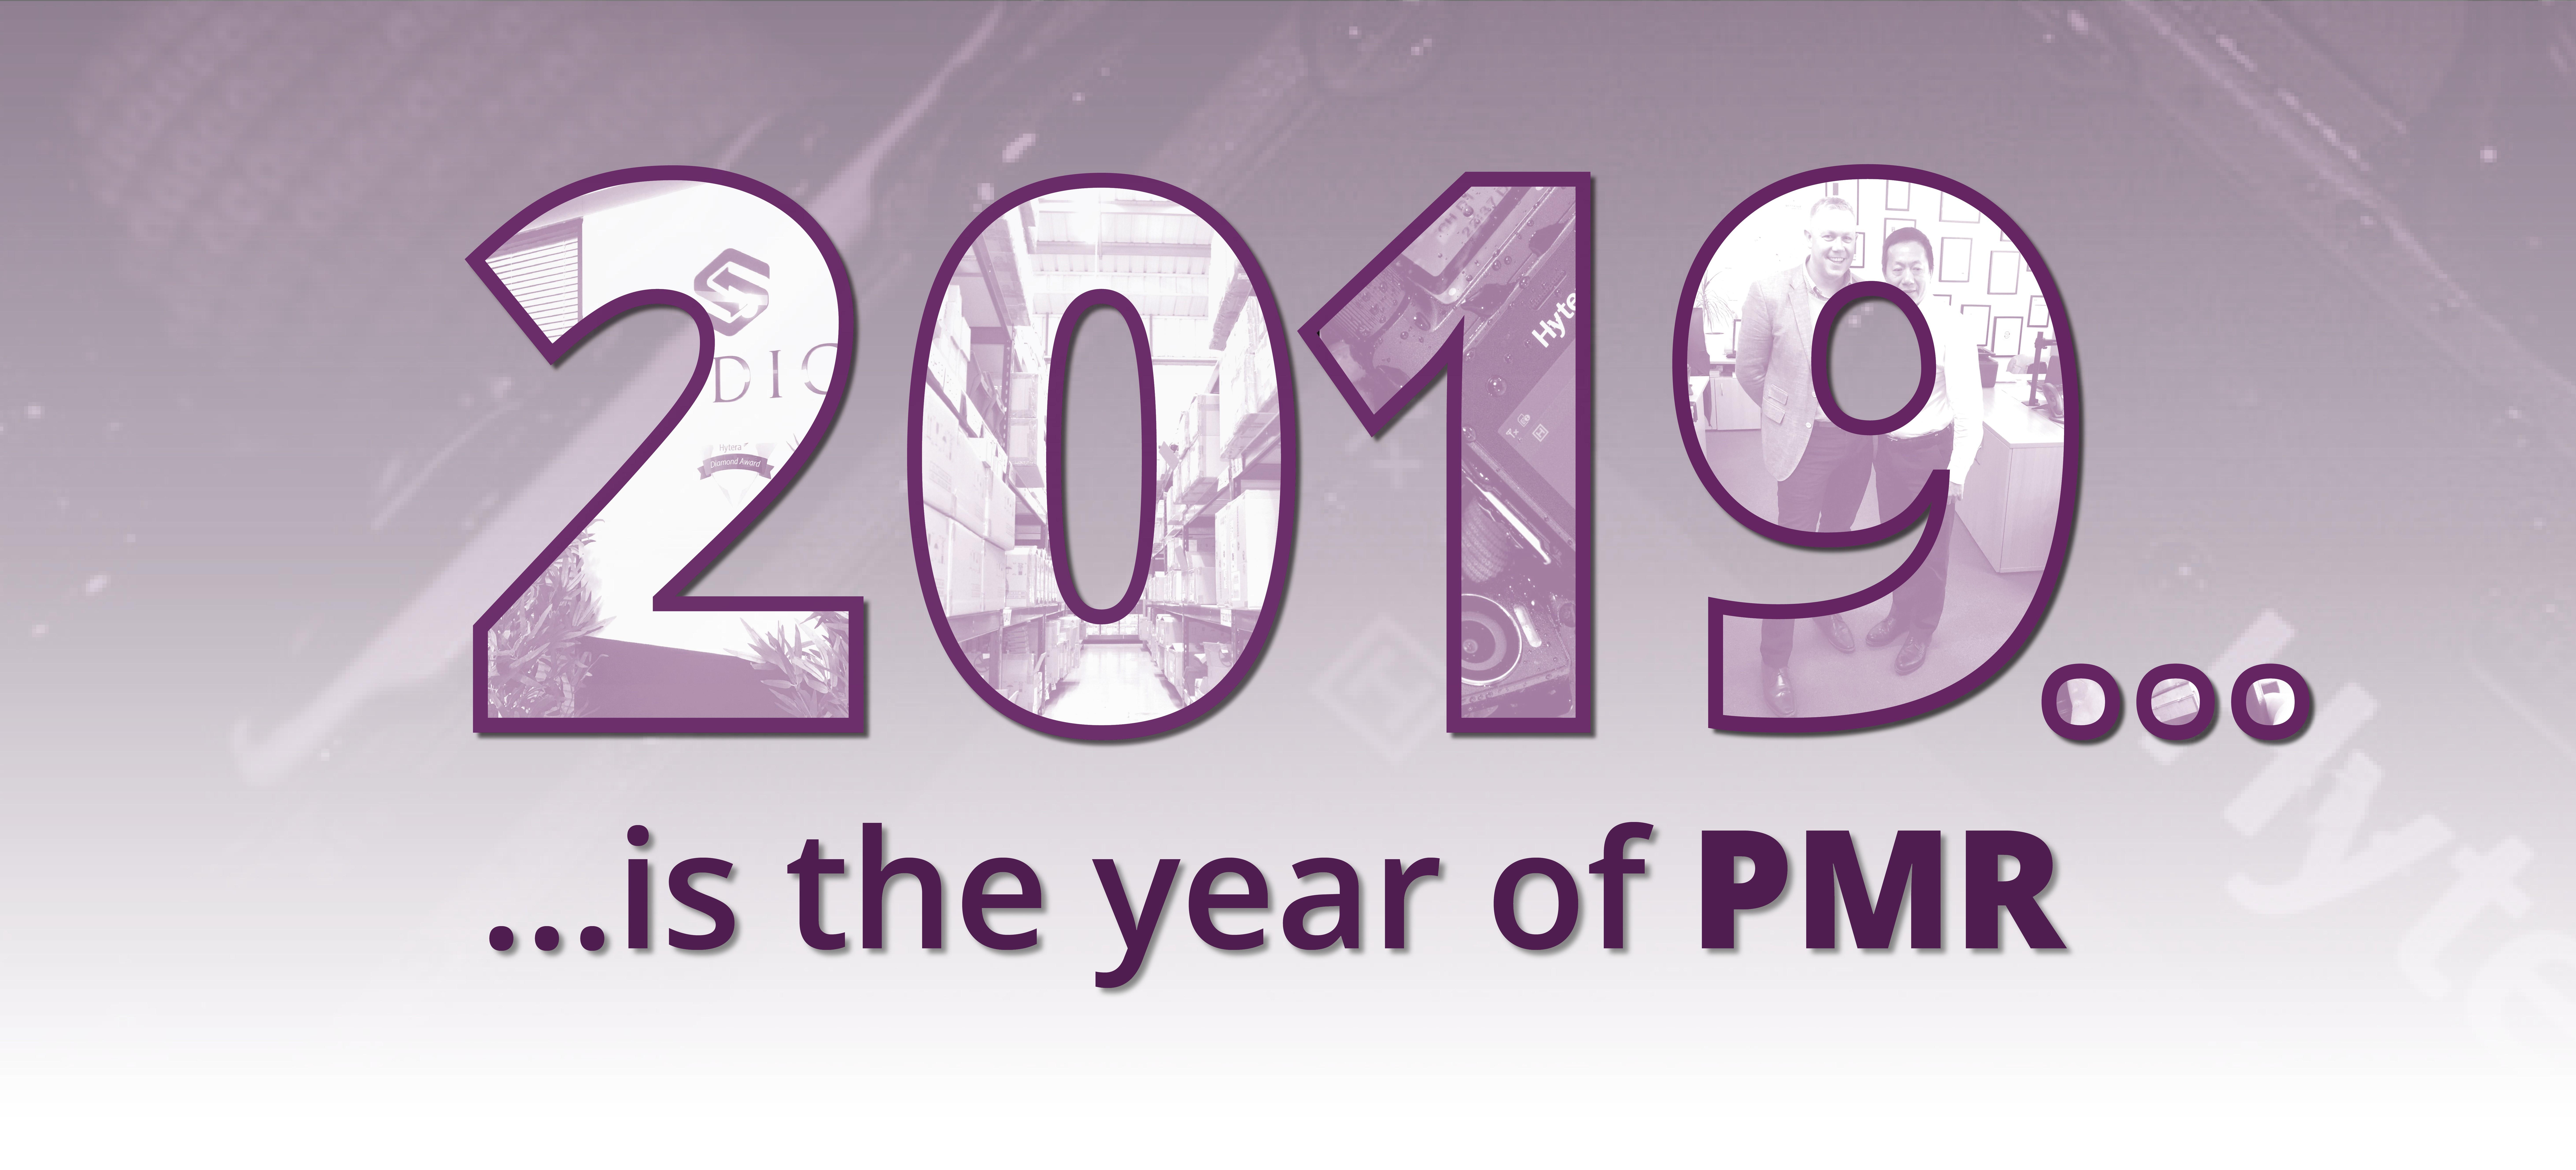 pmr_2019_mobile